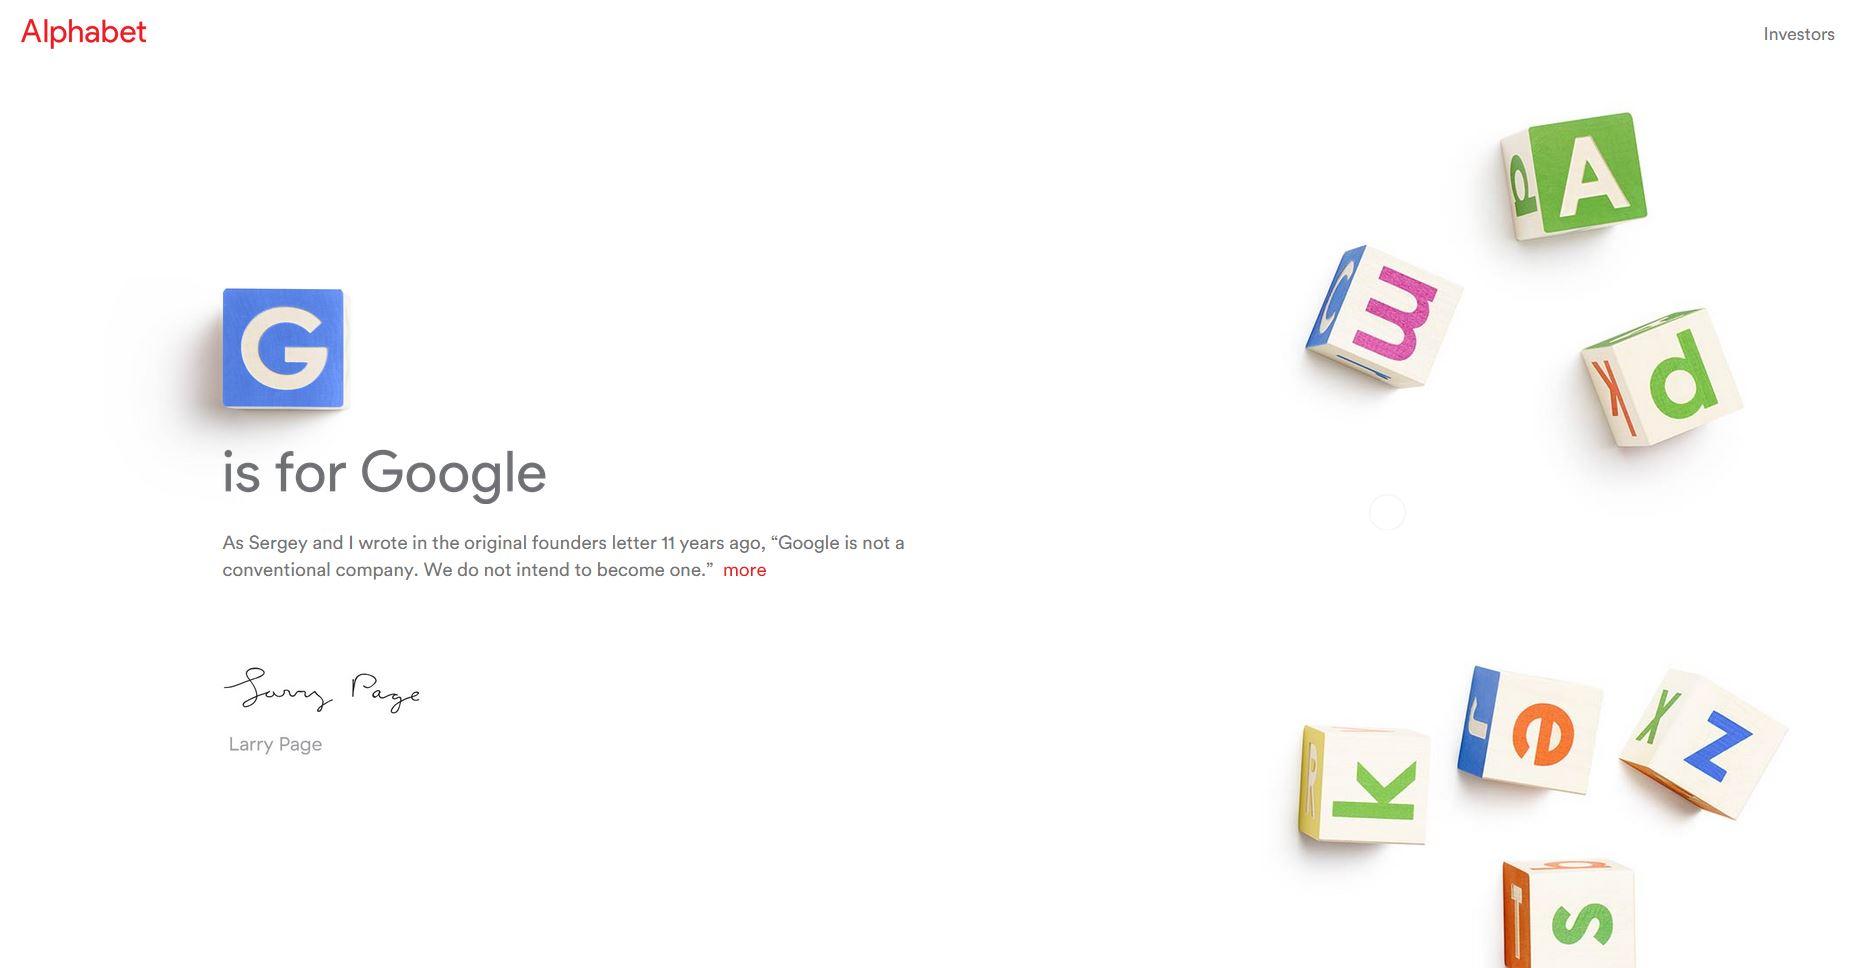 Le groupe Google devient désormais Alphabet